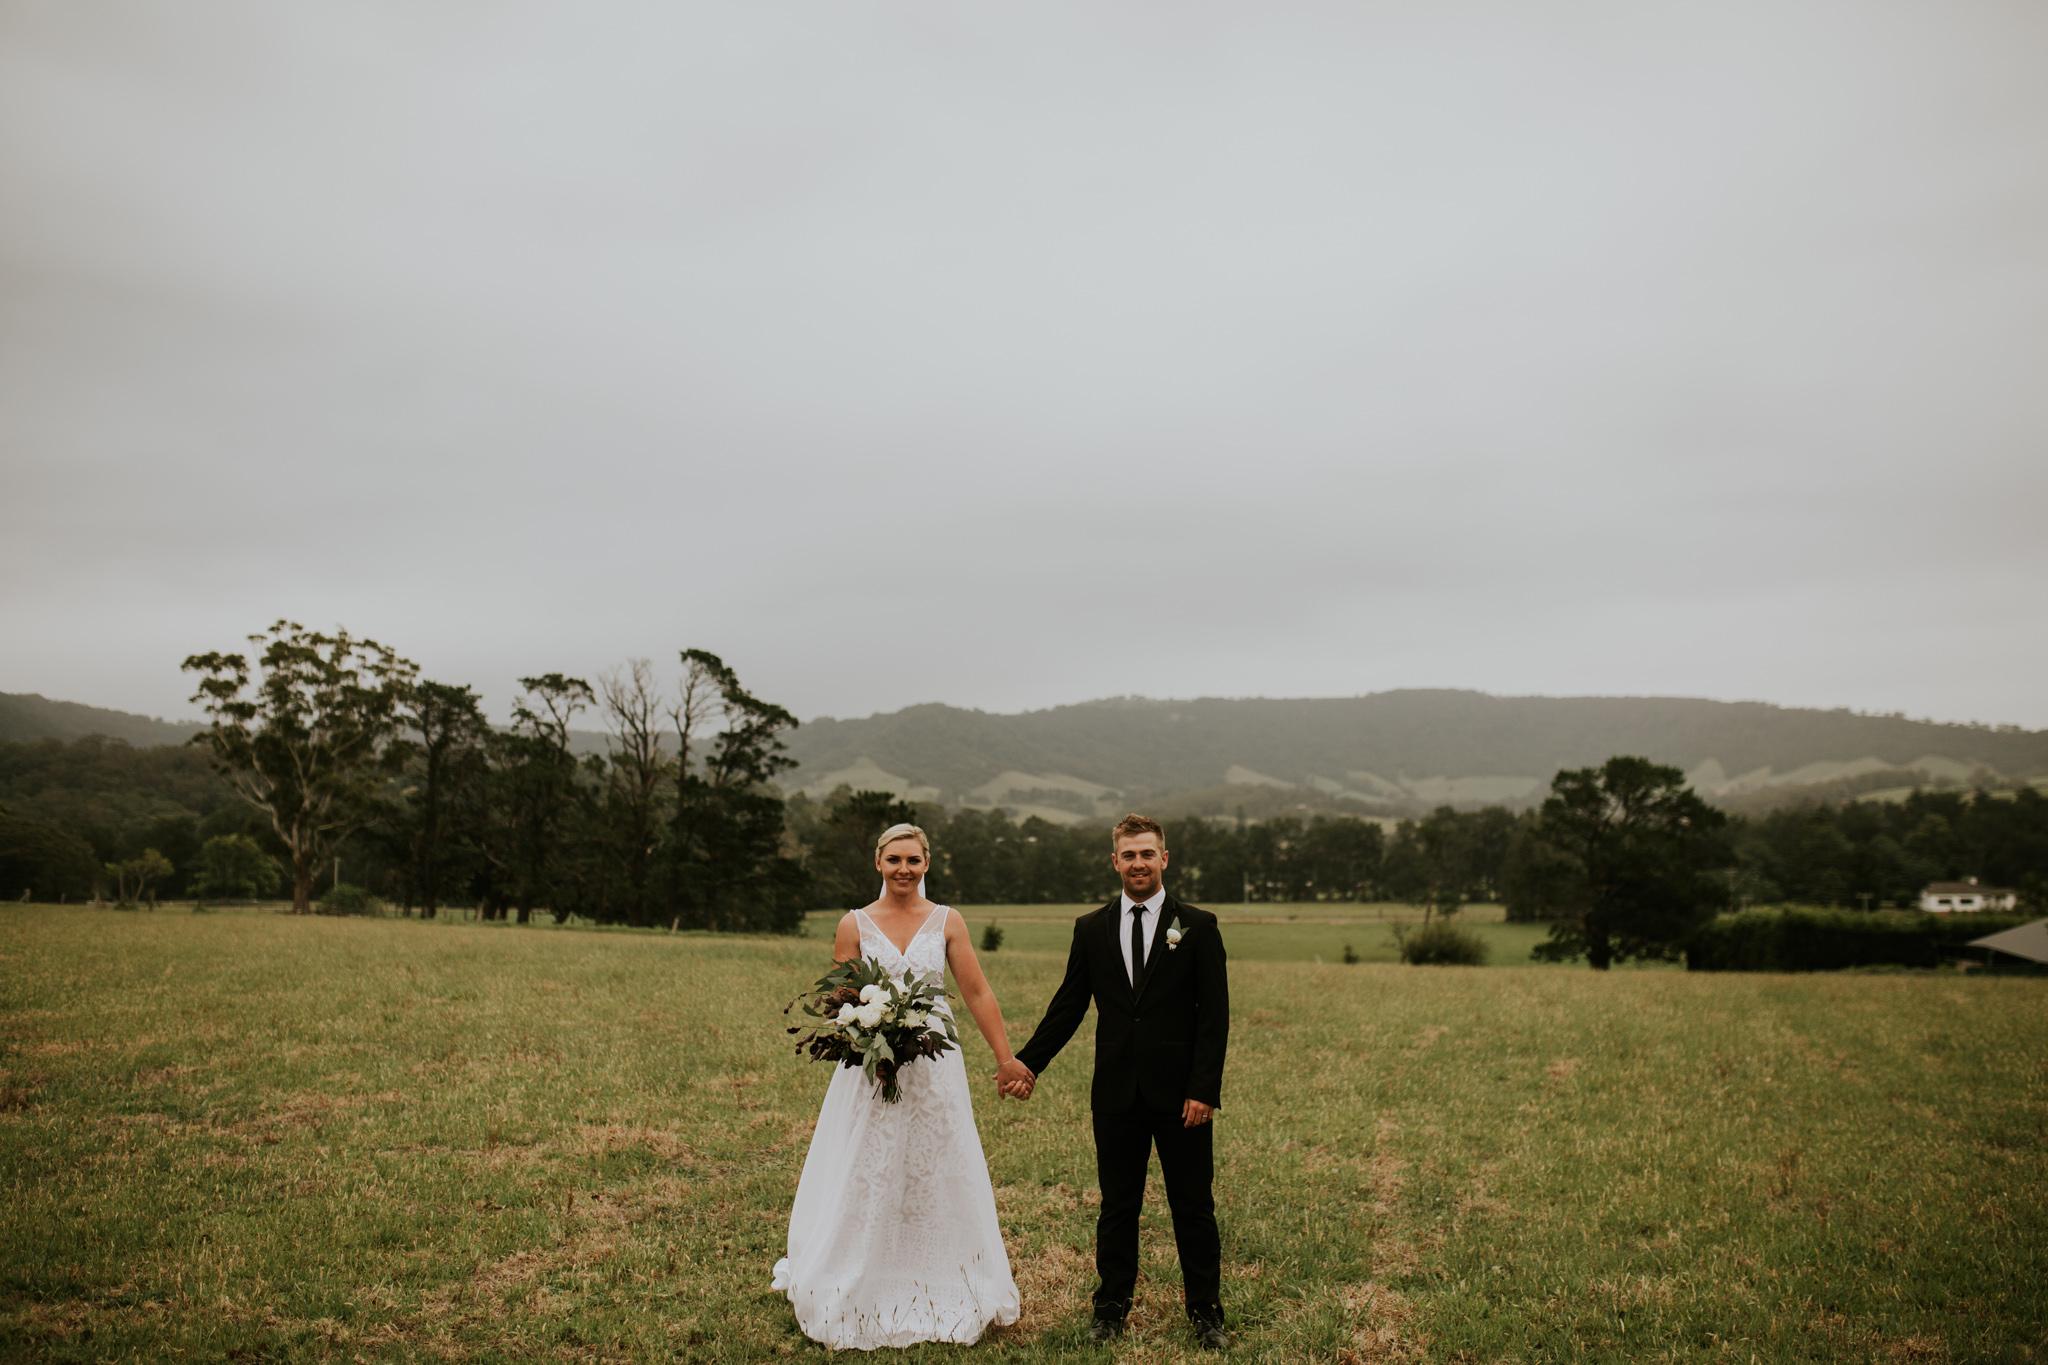 Lucy+Kyle+Kiama+Sebel+wedding-103.jpg